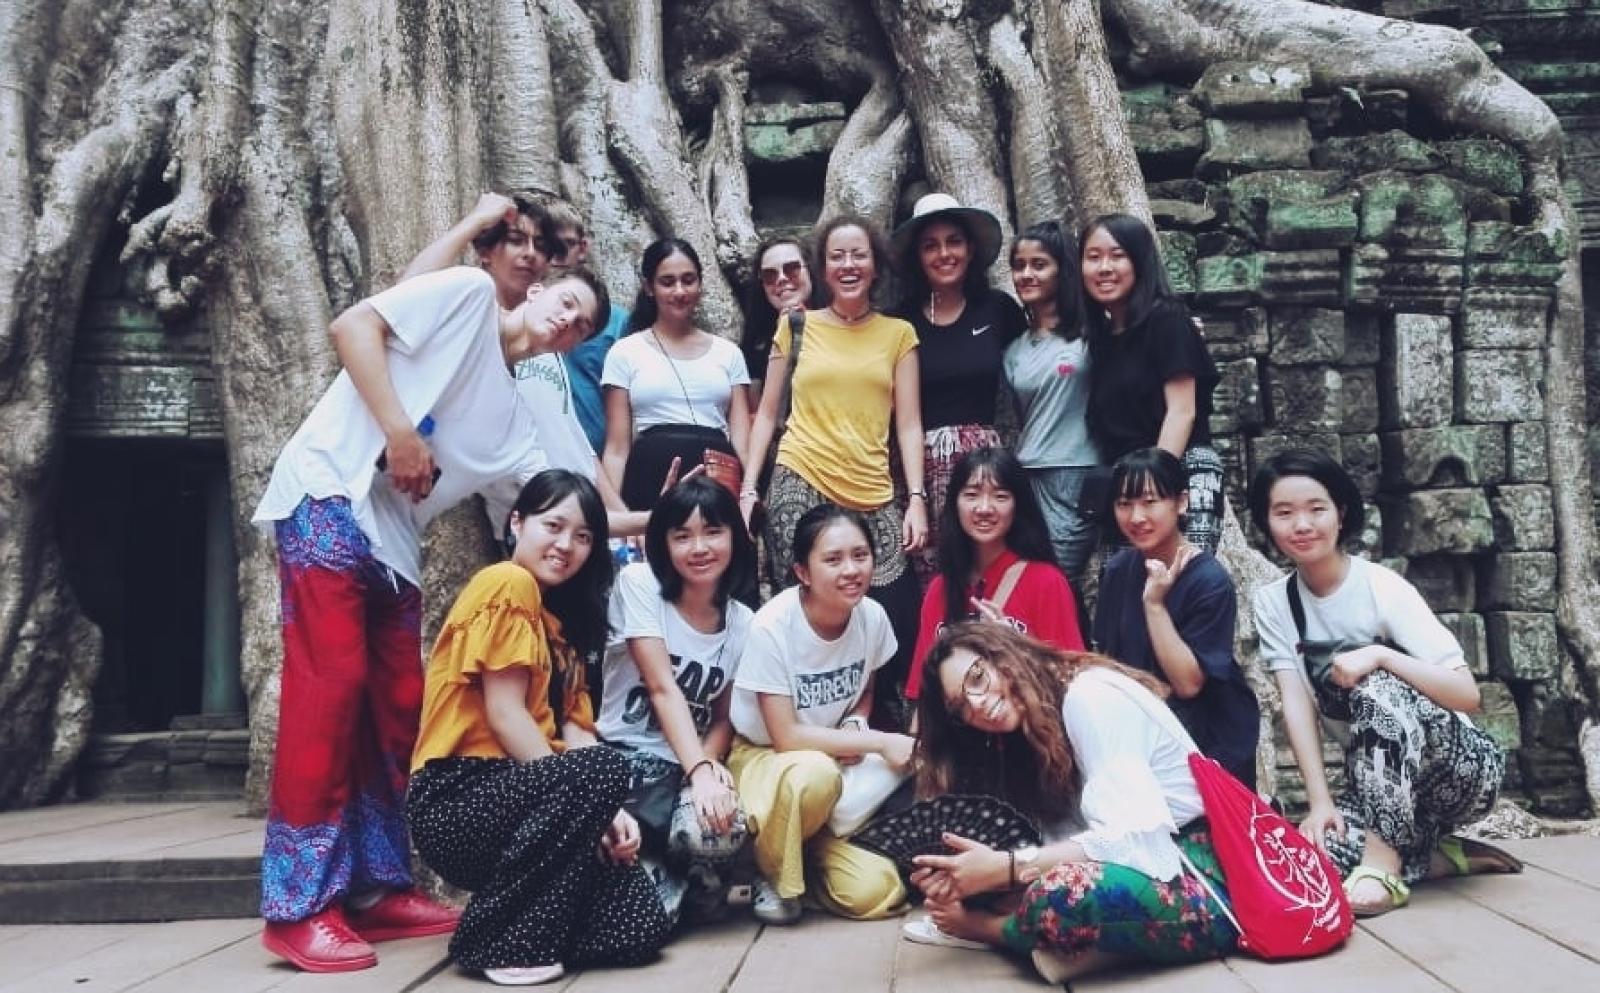 カンボジアで週末の観光旅行を楽しむ高校生ボランティア石川柚葉さんと仲間たち